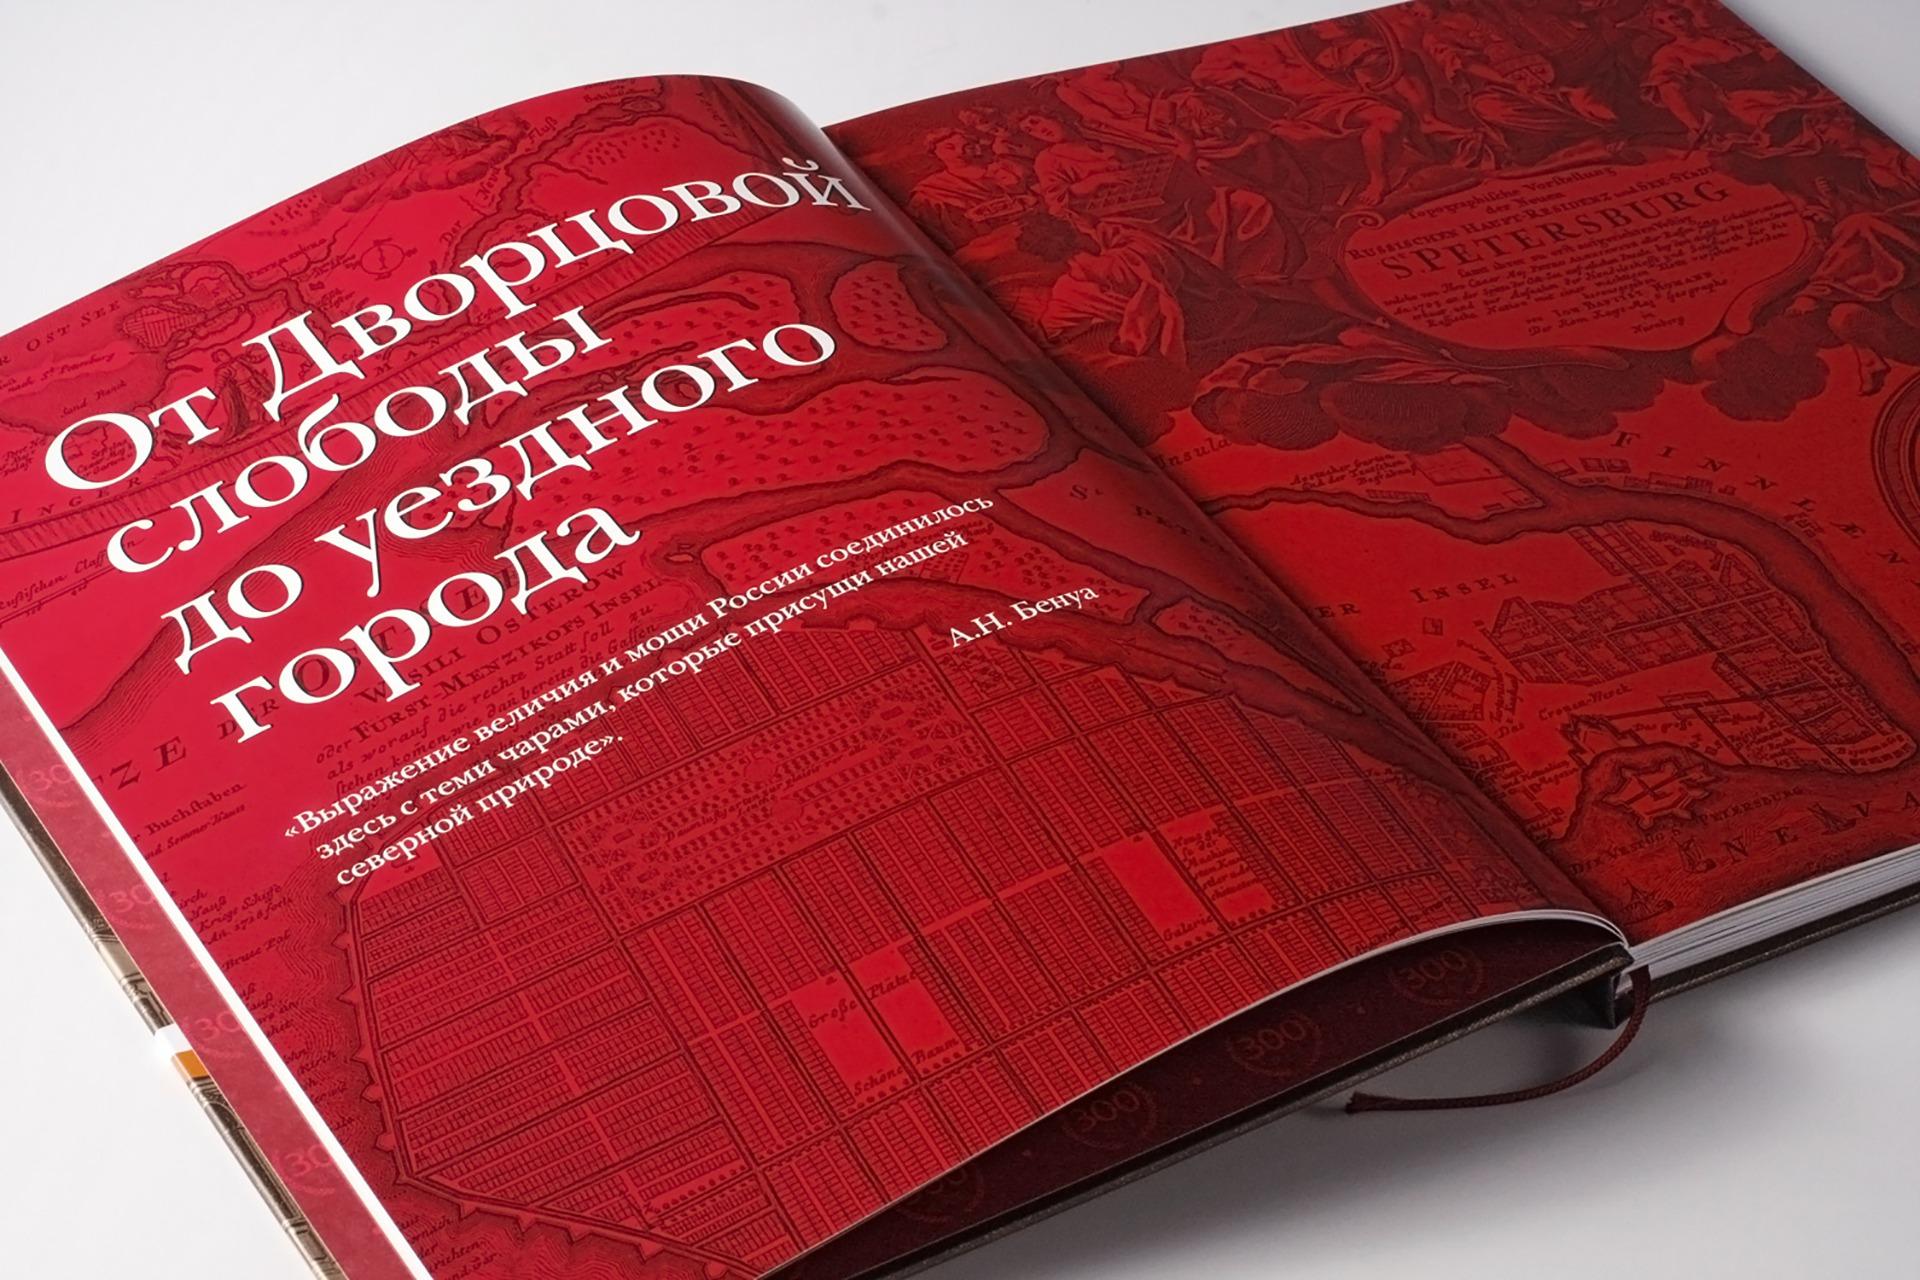 Юбилейное издание, шмуцтитул, книжный разворот, красная книга, дизайн книга, верстка издания